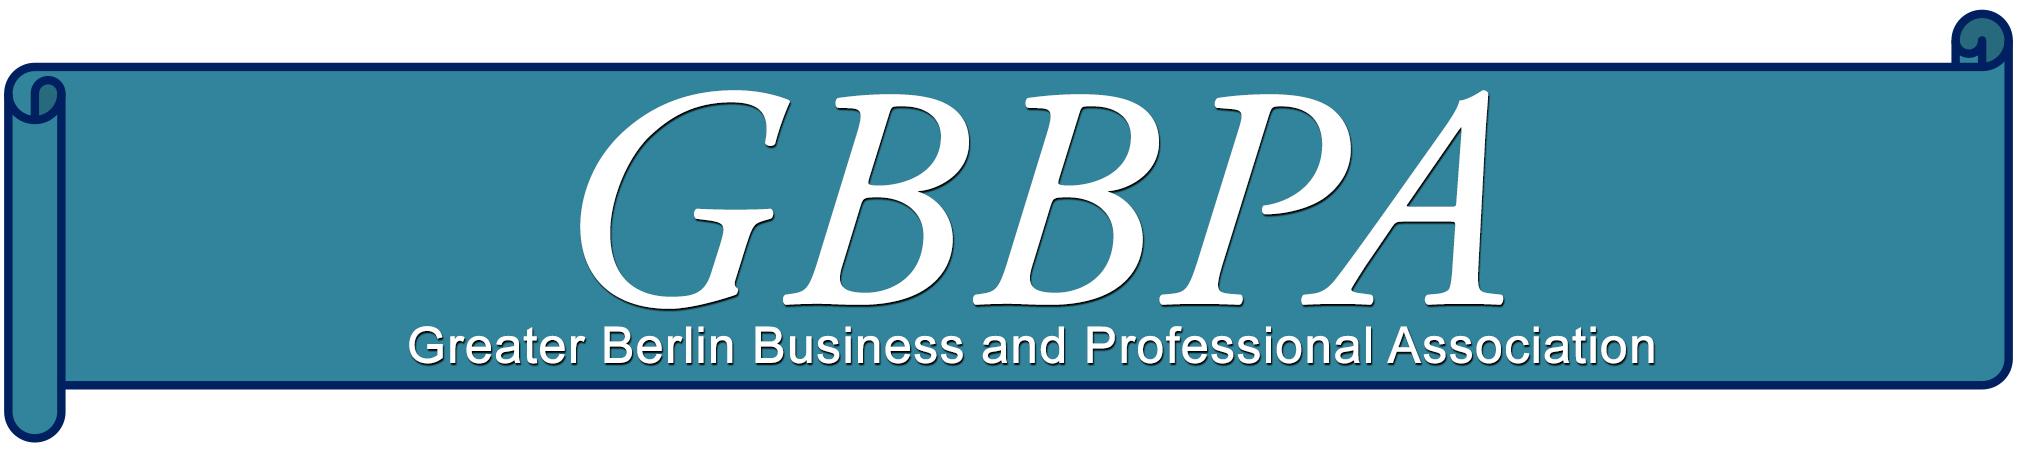 Greater Berlin Business Association